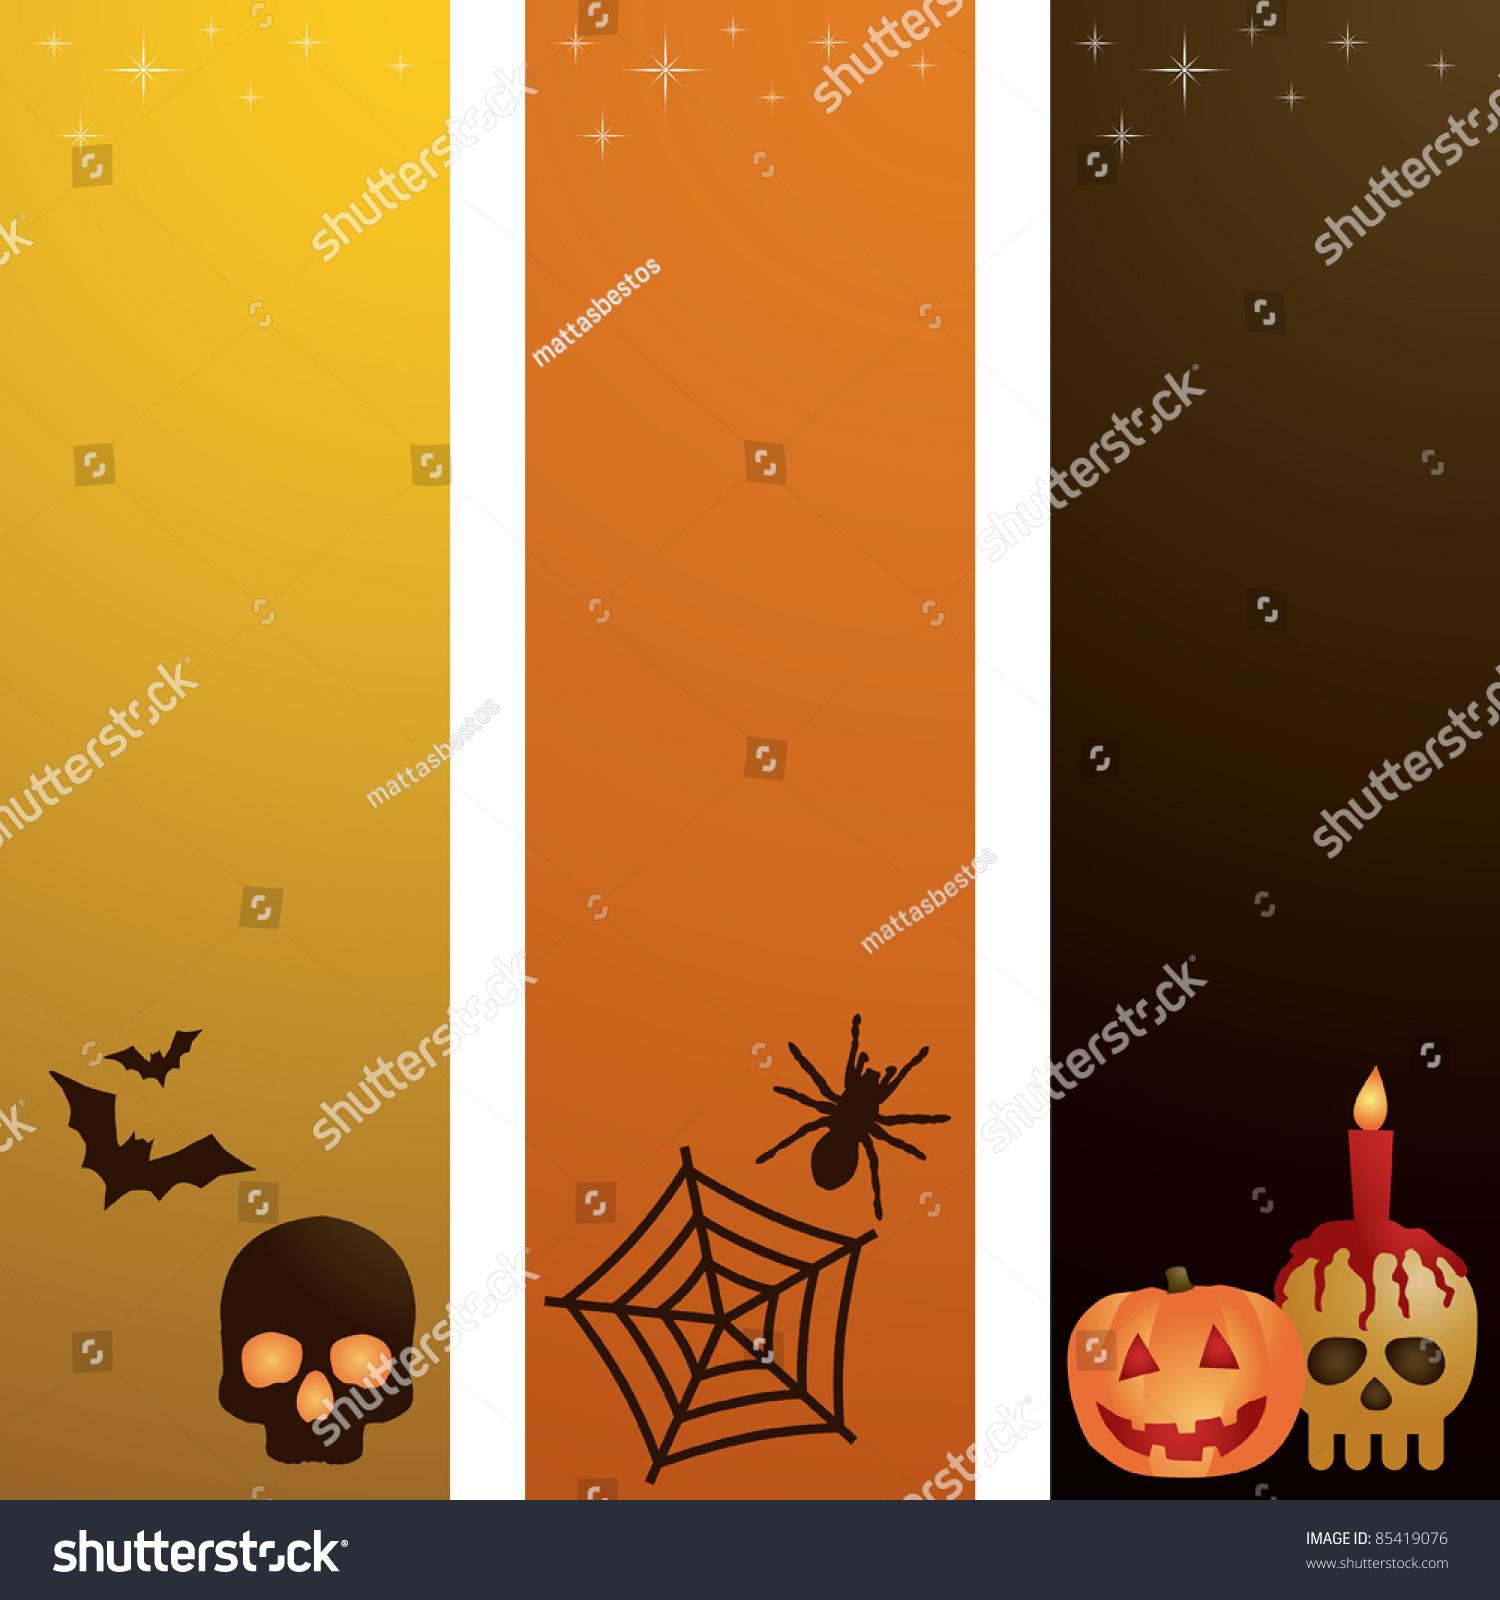 Vertical Yellow Orange Black Halloween Banners Stock Vector ...